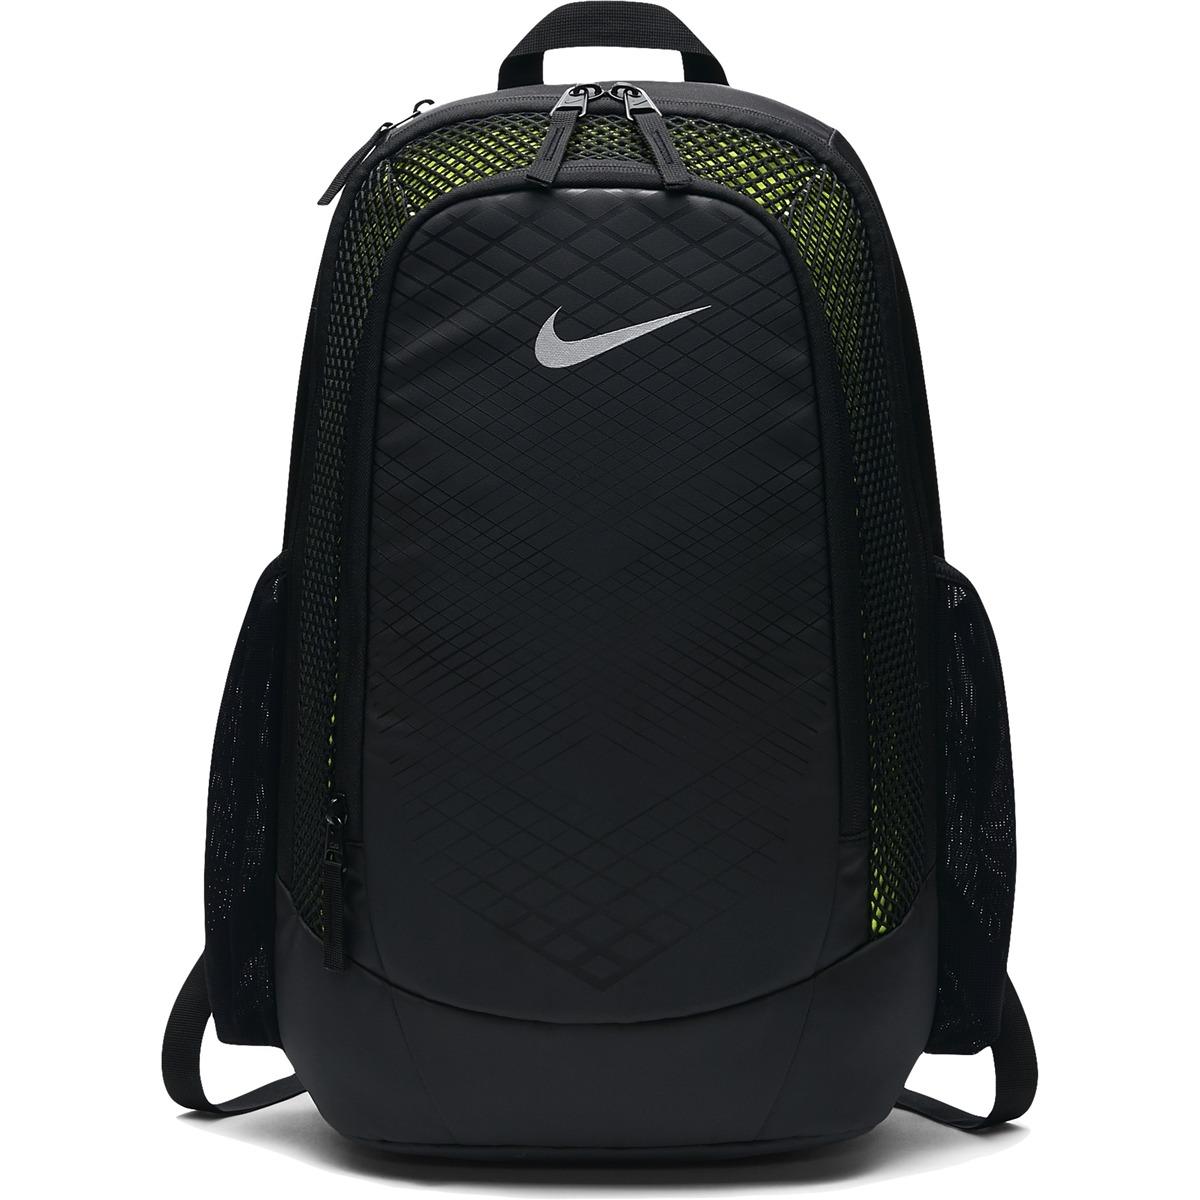 f790323a4 Mochila Nike Vapor Speed Ba5474-010 25 Lts Original Com Nfe - R$ 281 ...